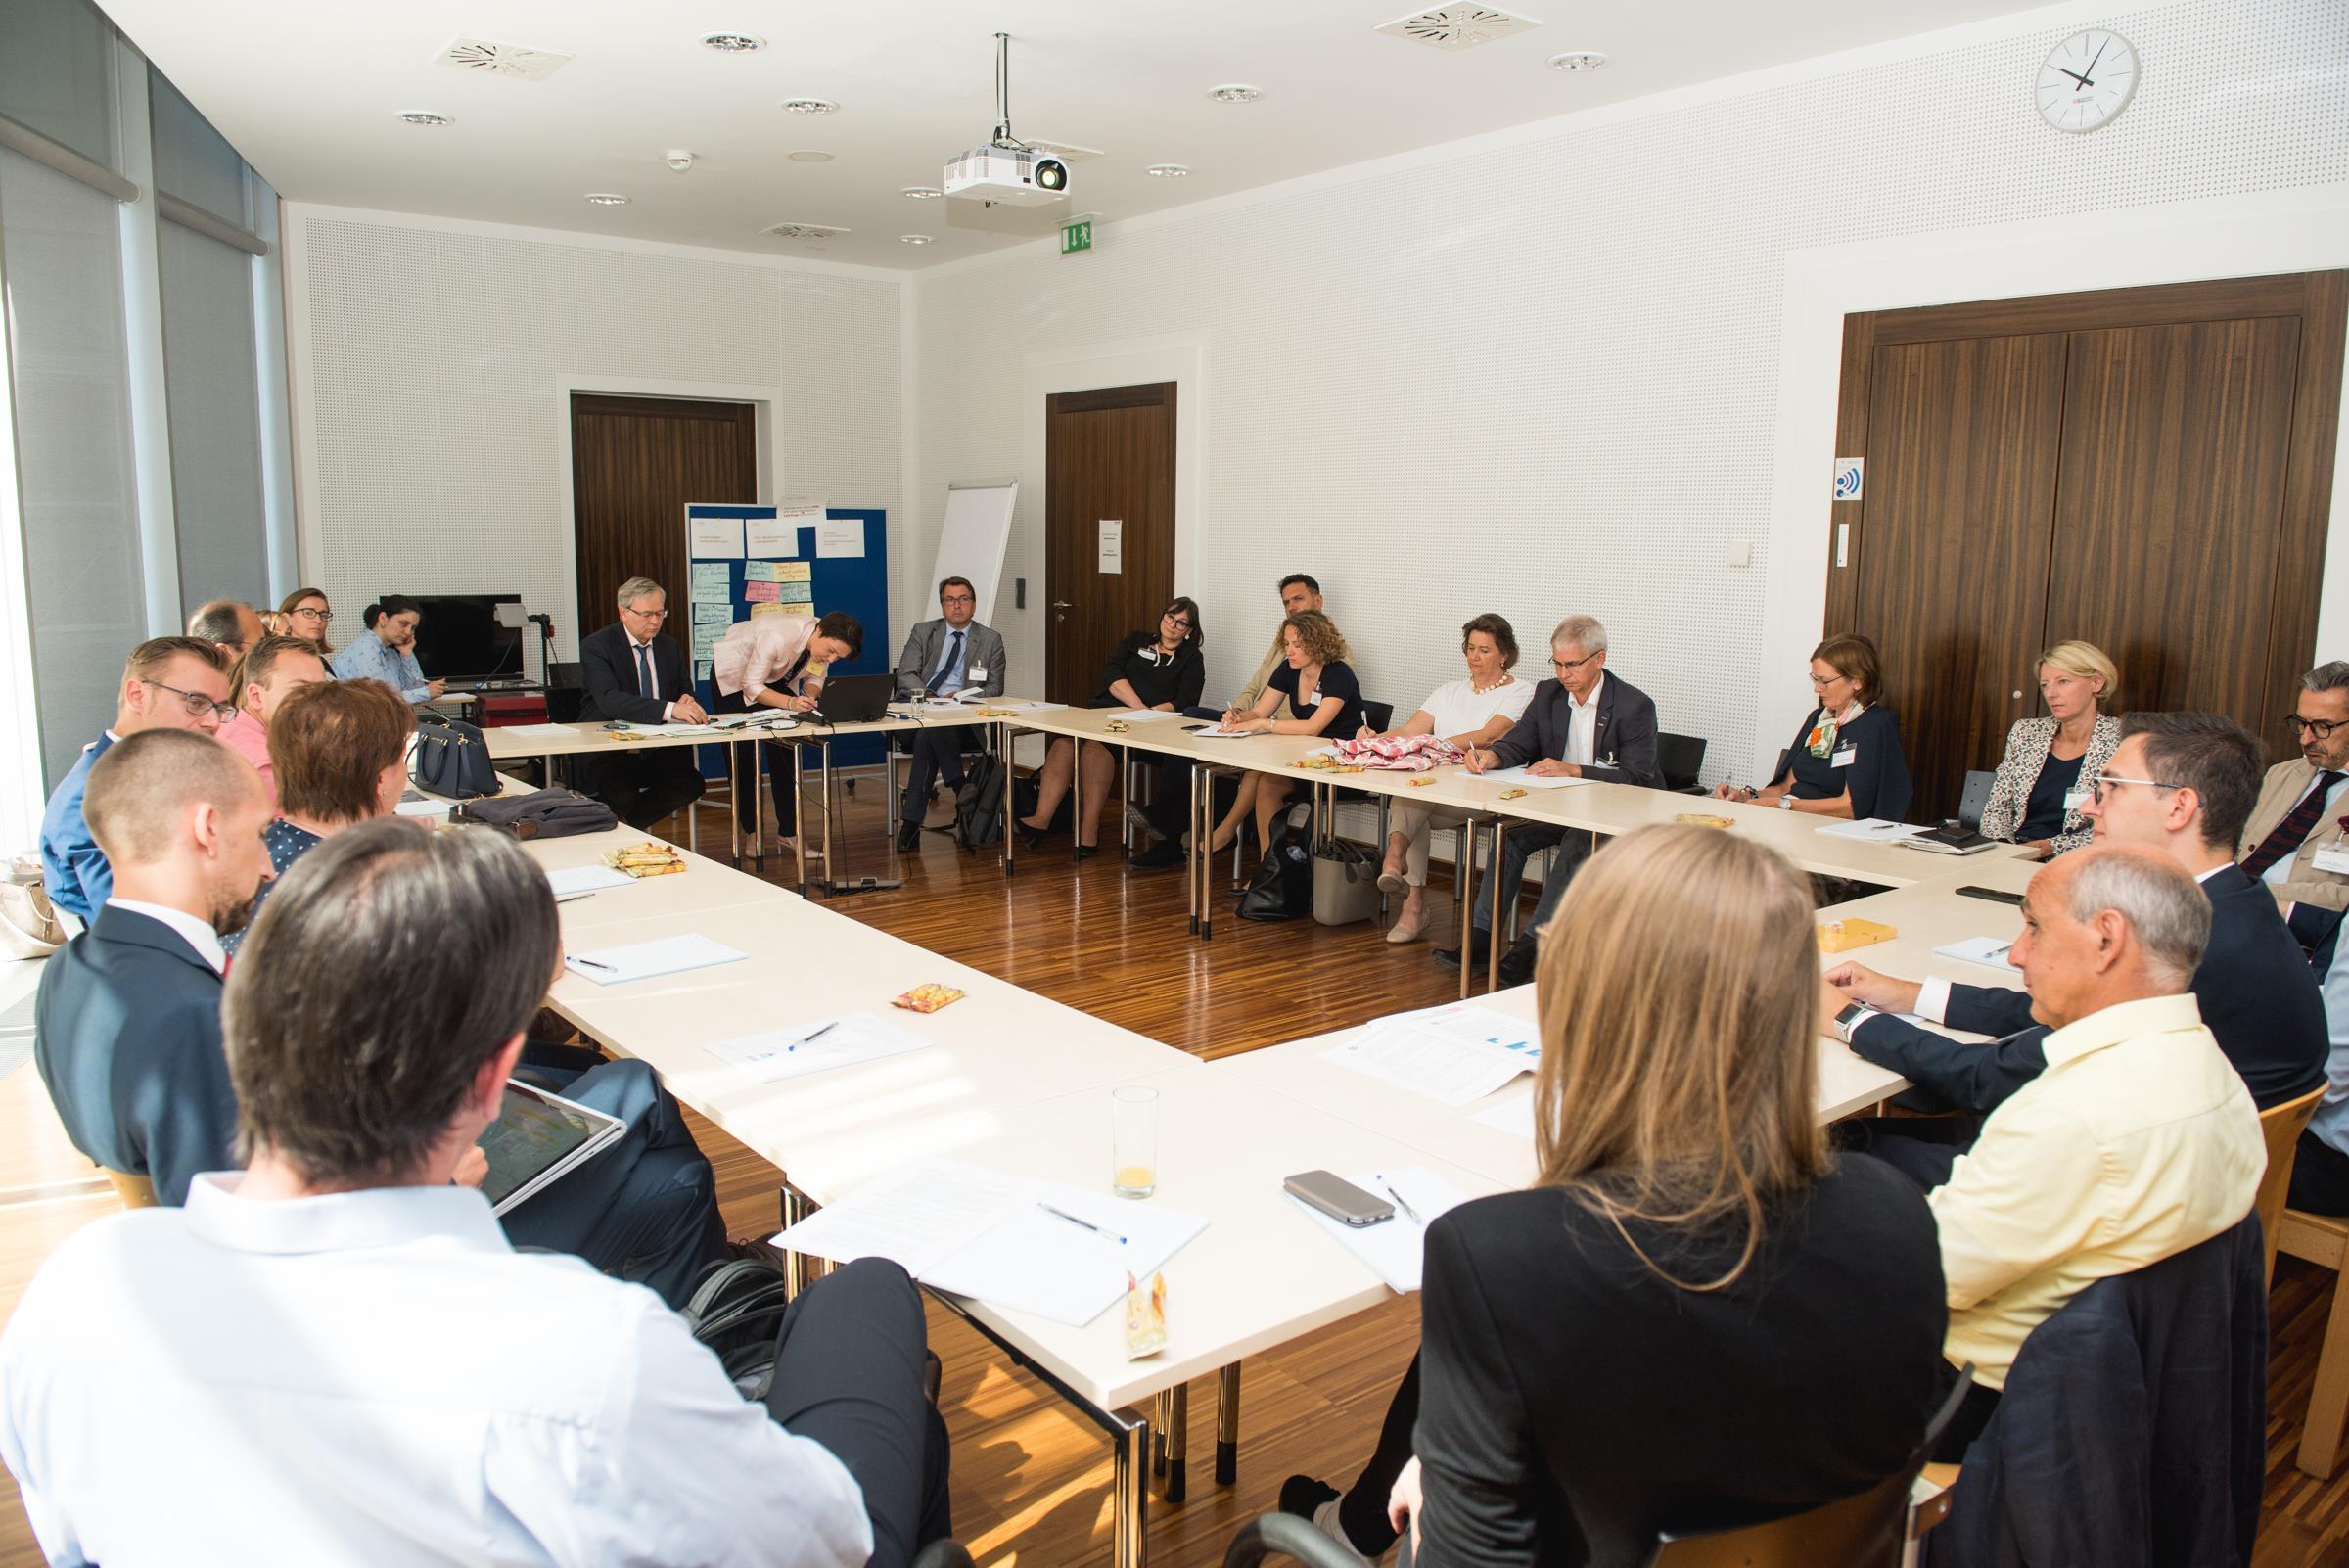 Gipfel BM Schramböck - Mit der Lehre an die Spitze